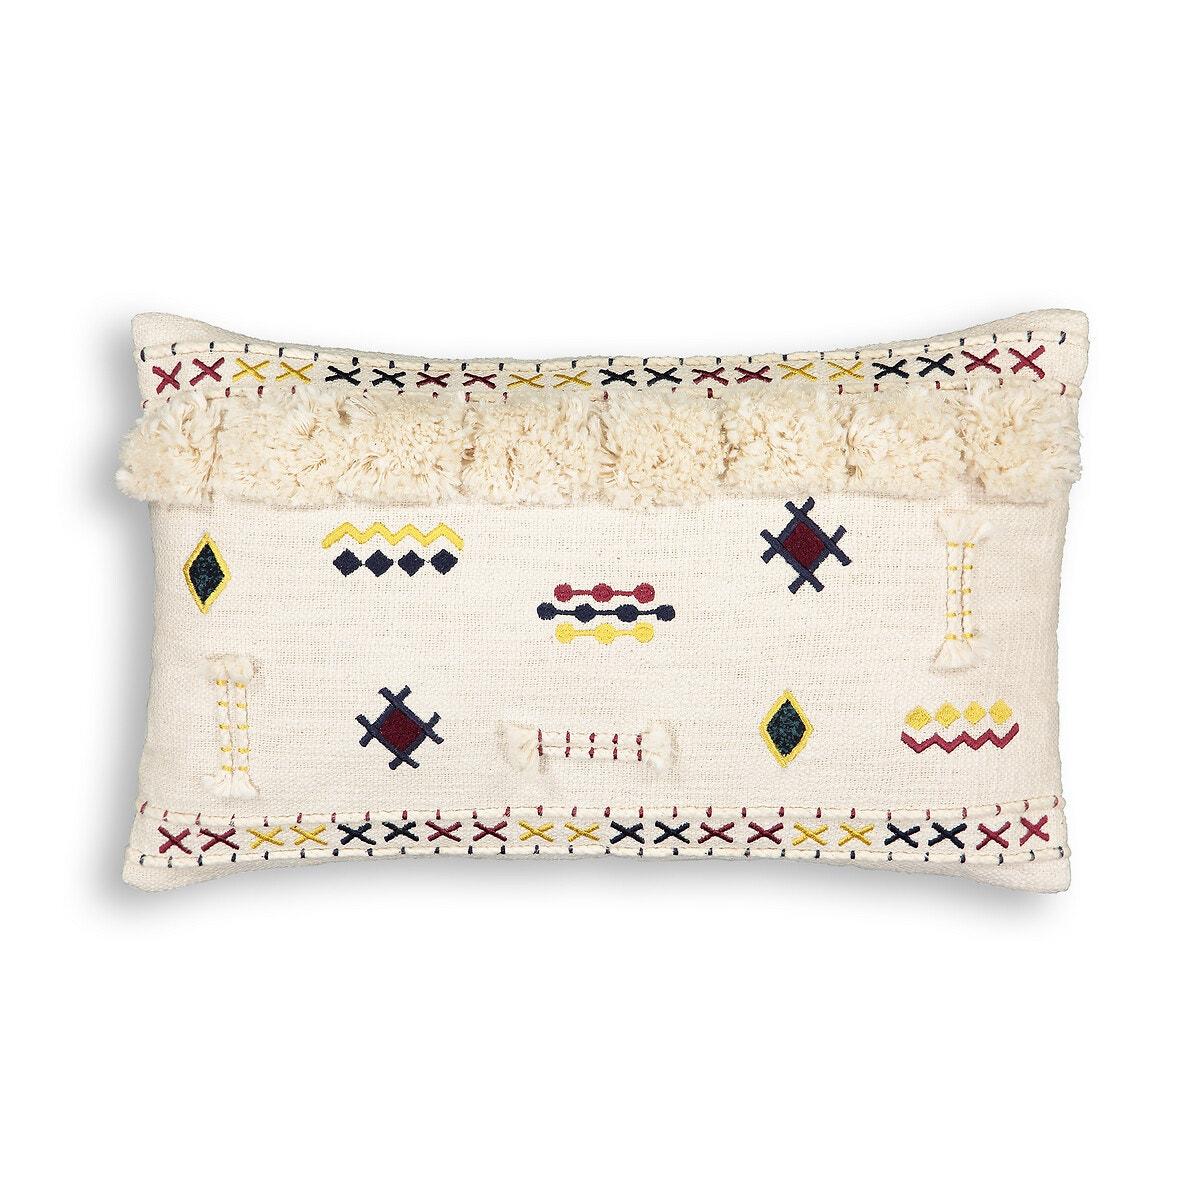 Βαμβακερή θήκη για μαξιλάρι, Jezzi